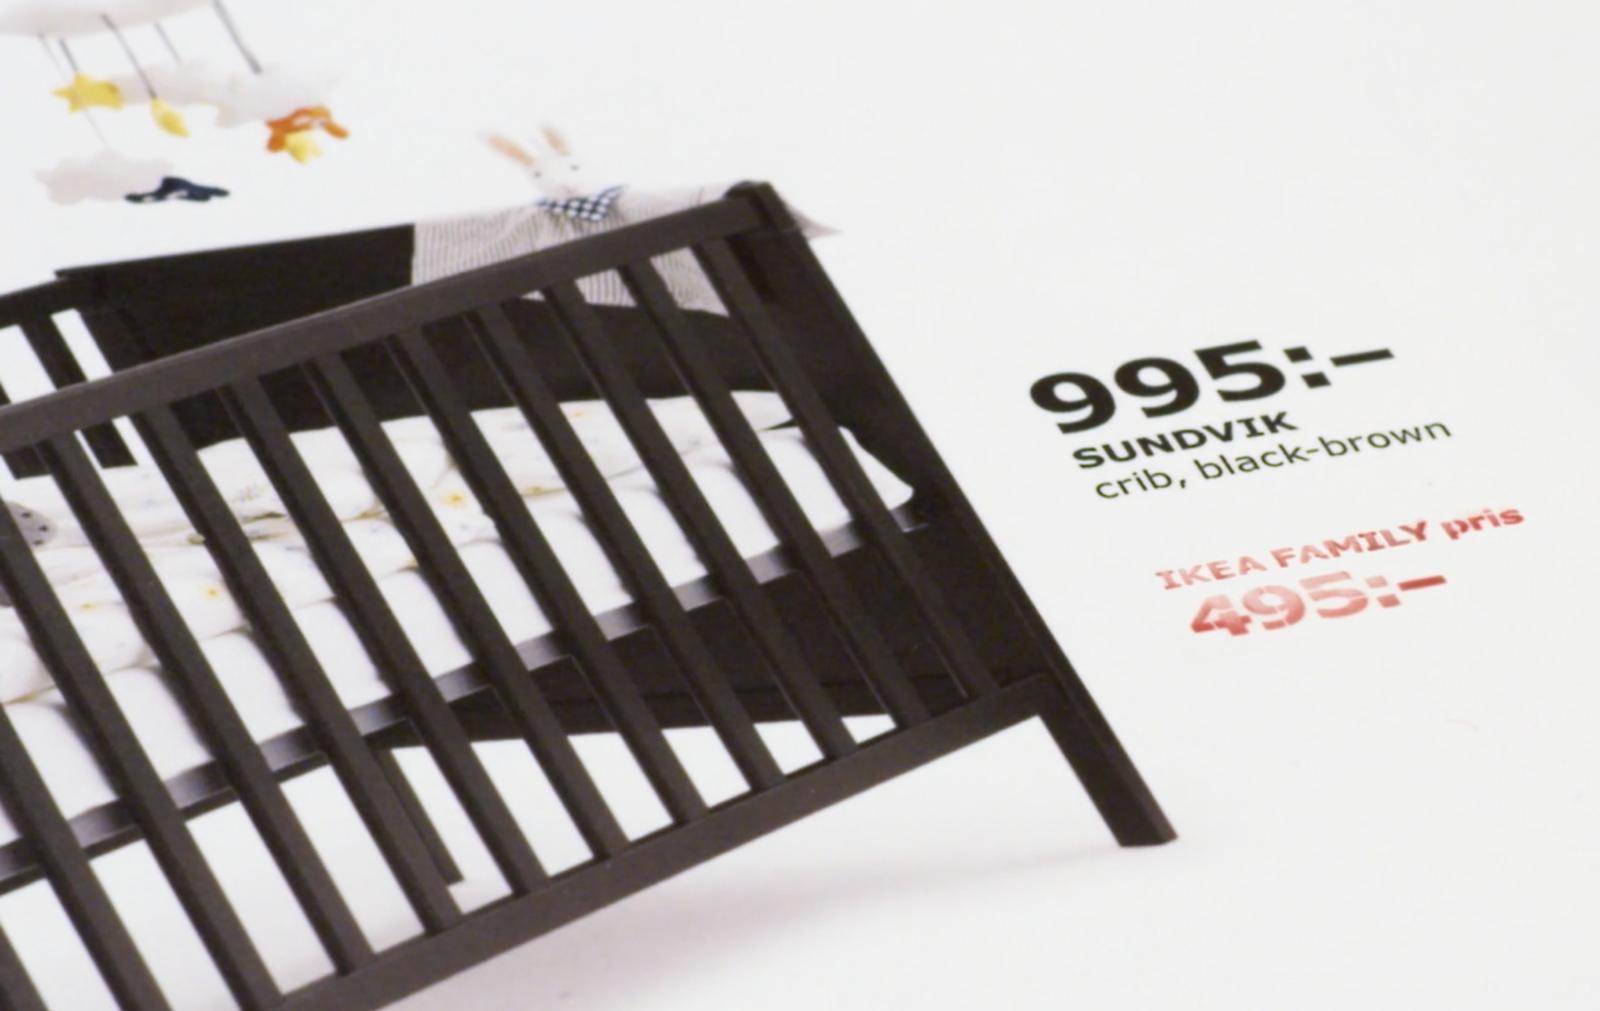 wenn schwangere auf den ikea katalog pinkeln und rabatt bekommen. Black Bedroom Furniture Sets. Home Design Ideas